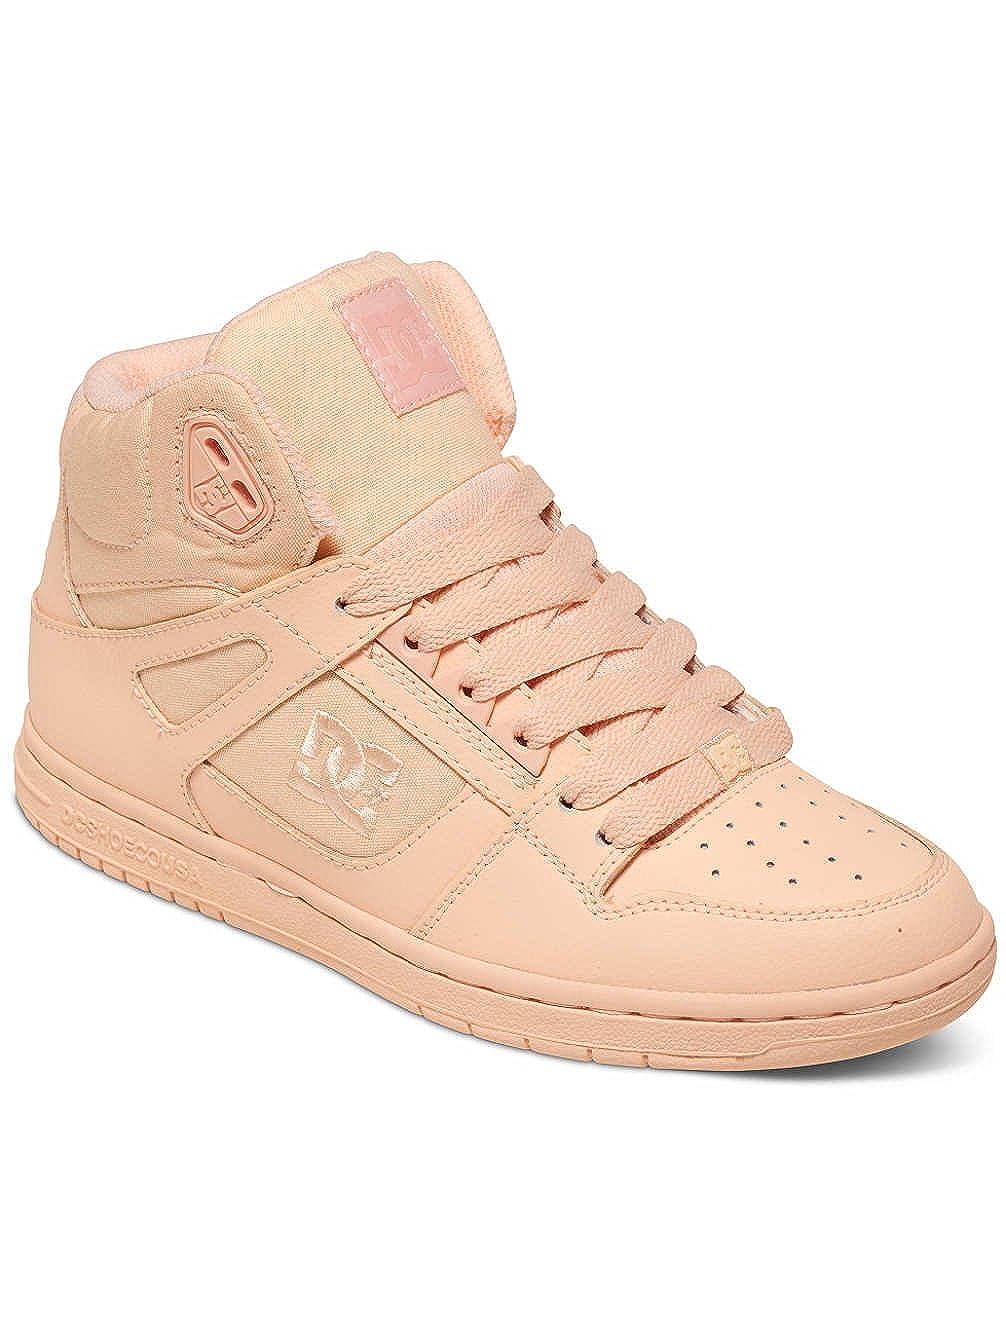 DC Shoes Rebound High - Chaussures Montantes pour Femme 302164 Dcshoes